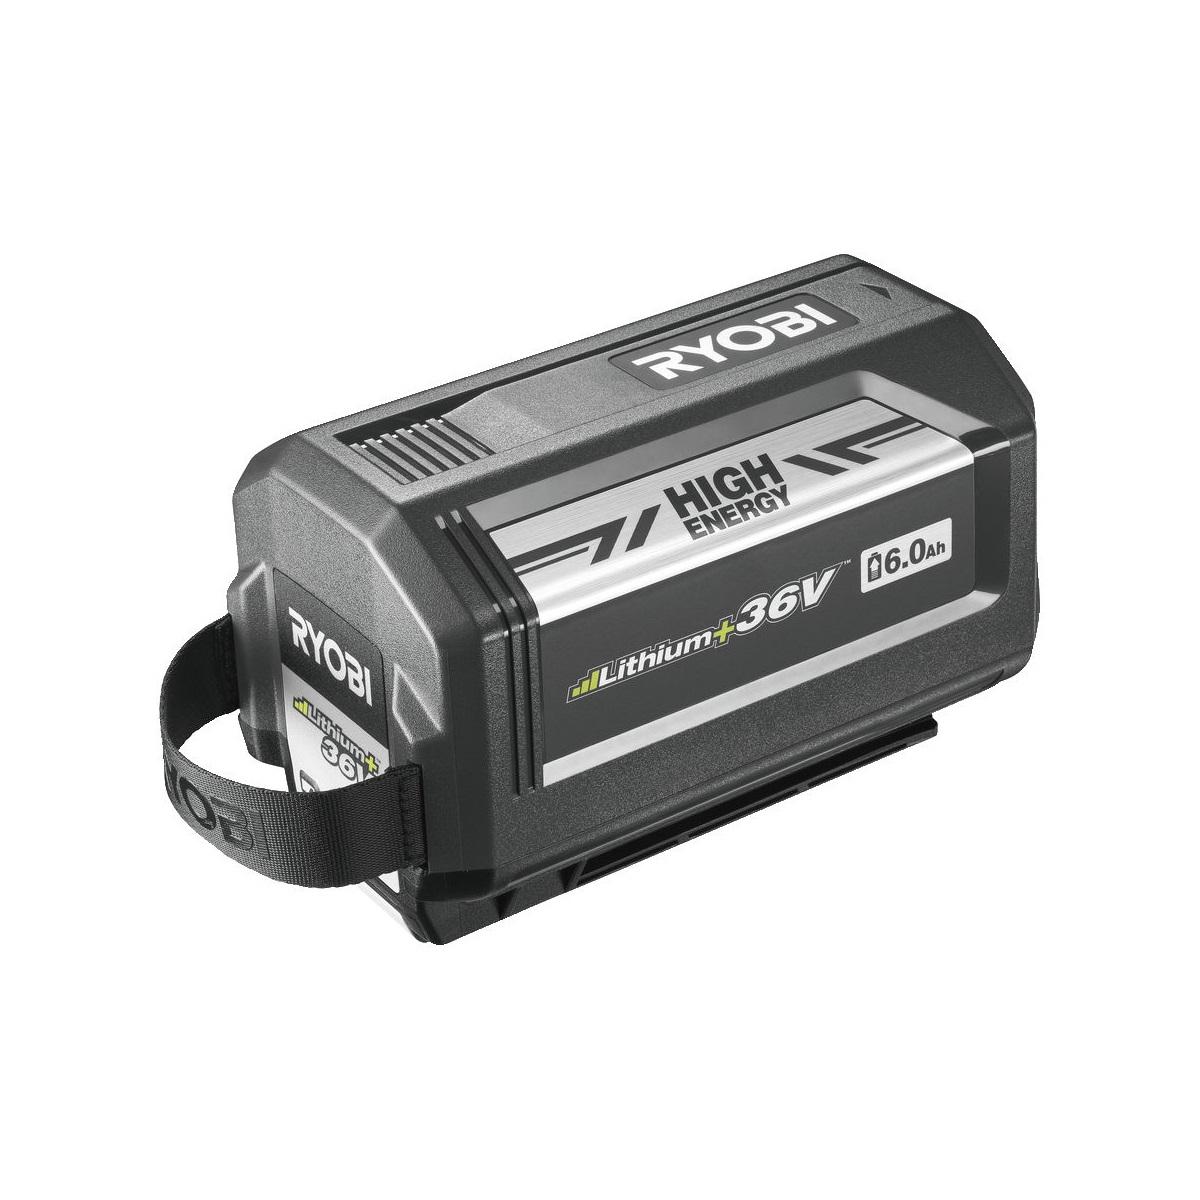 Ryobi RY36B60A36V 1x 6,0 Ah High Energy akumulátor